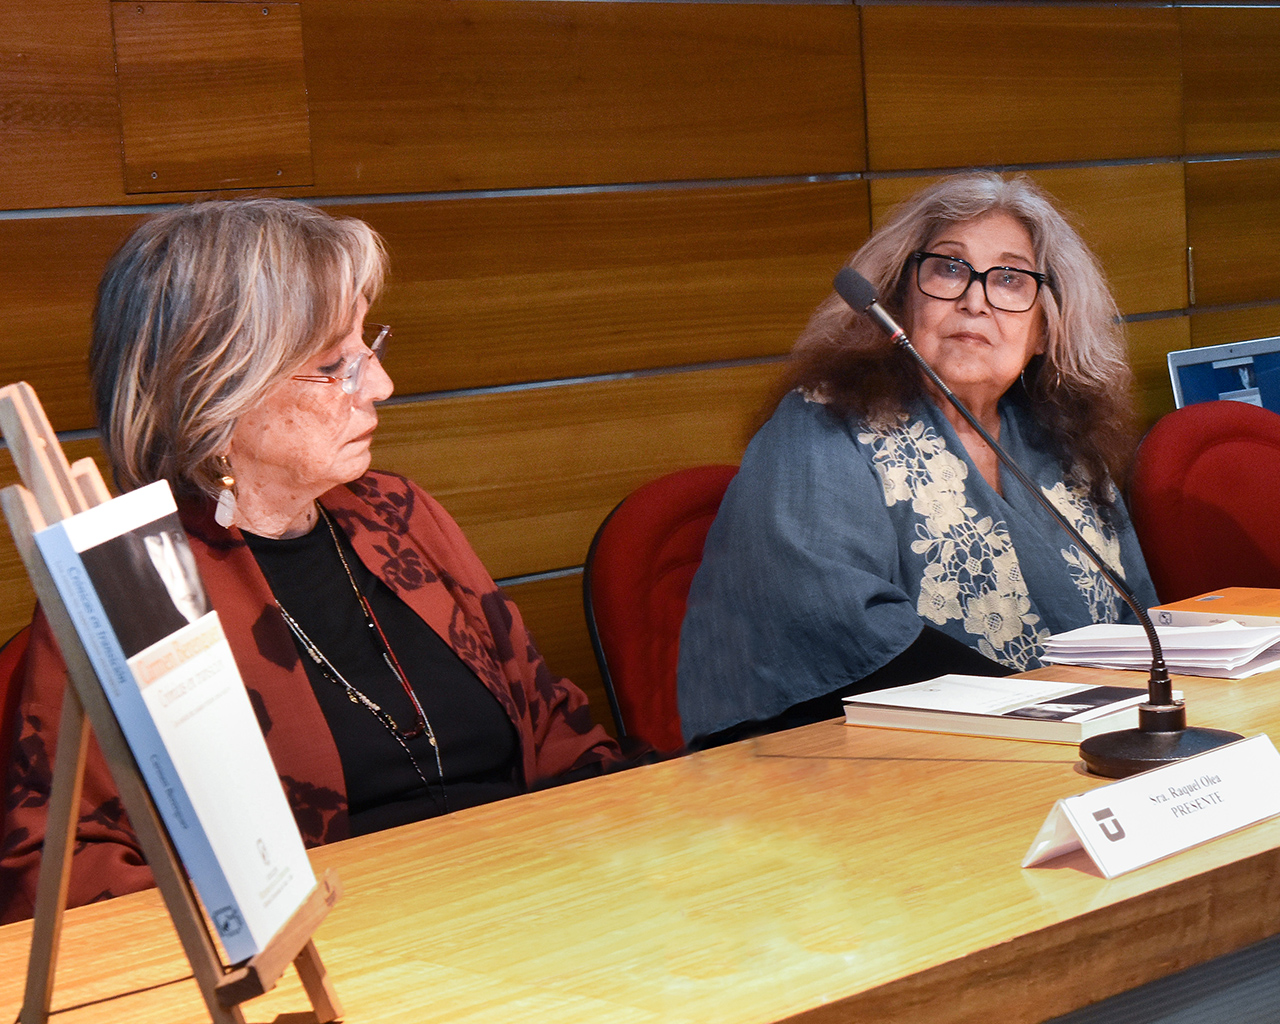 Lanzan libro de Crónicas de Carmen Berenguer